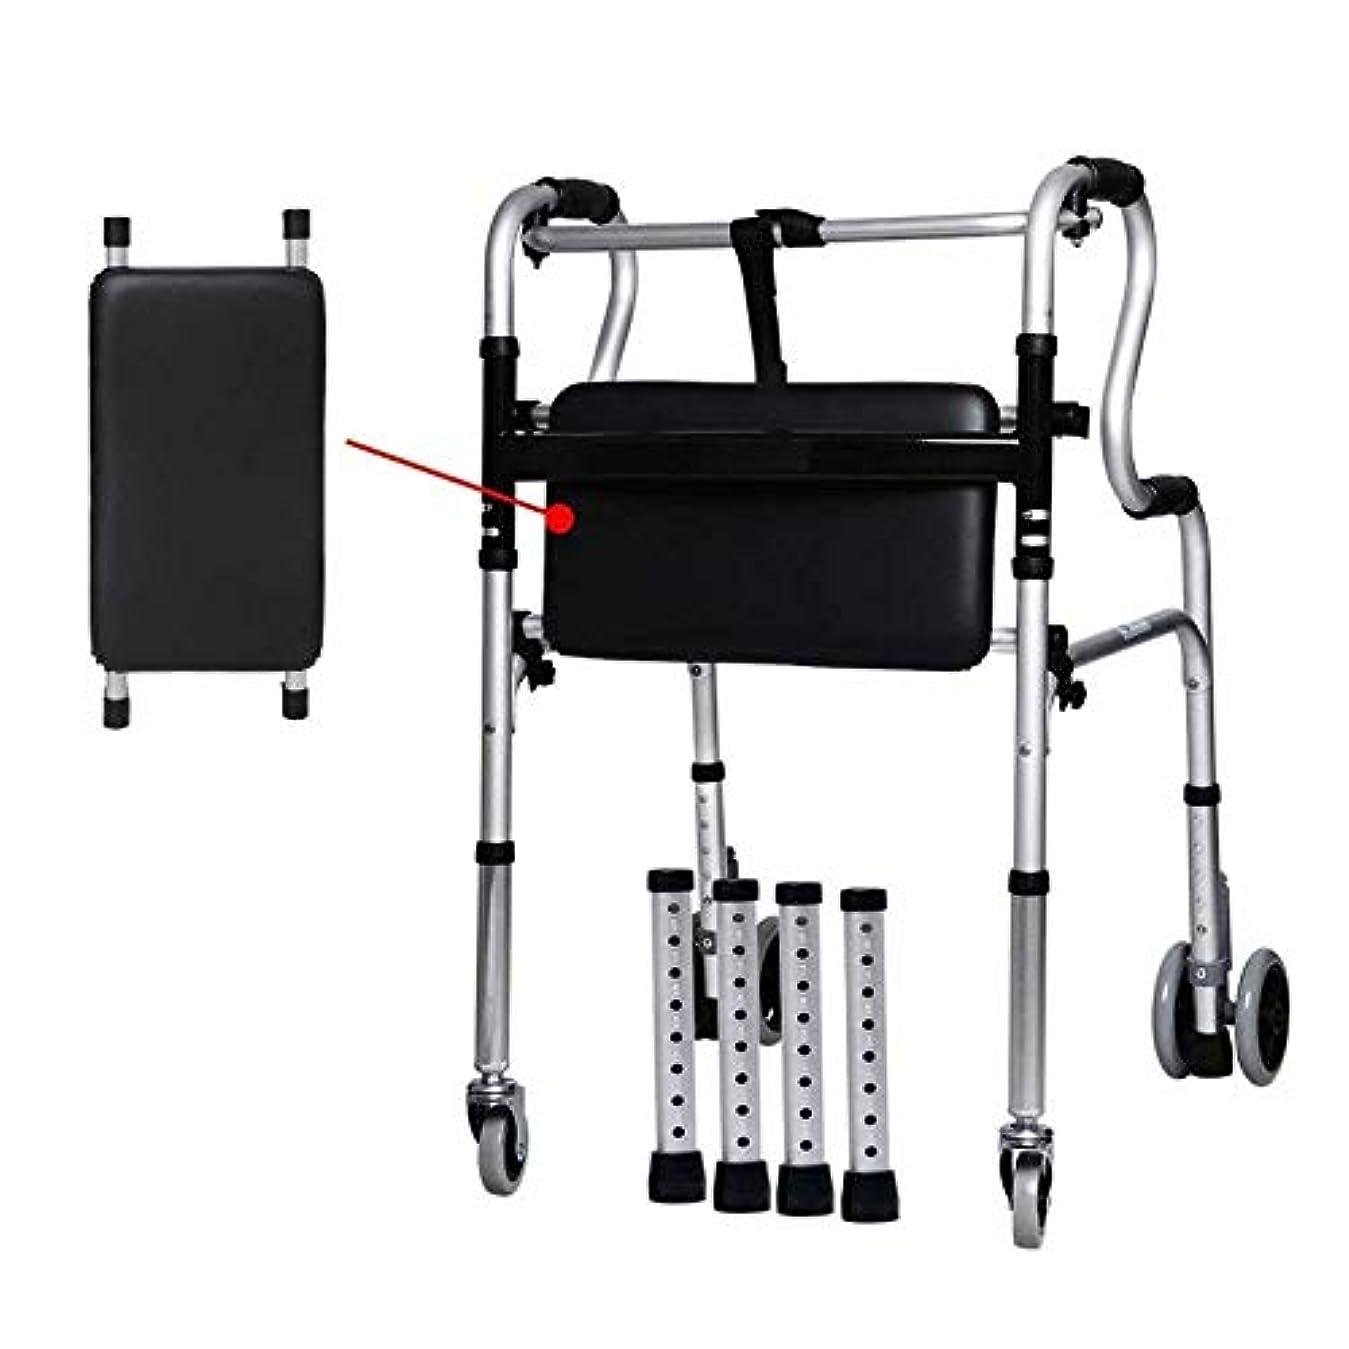 レンダー主権者ところで車輪が付いている折る歩行者、不具の高齢者のためのロックできるブレーキが付いている軽いアルミ合金4輪歩行者